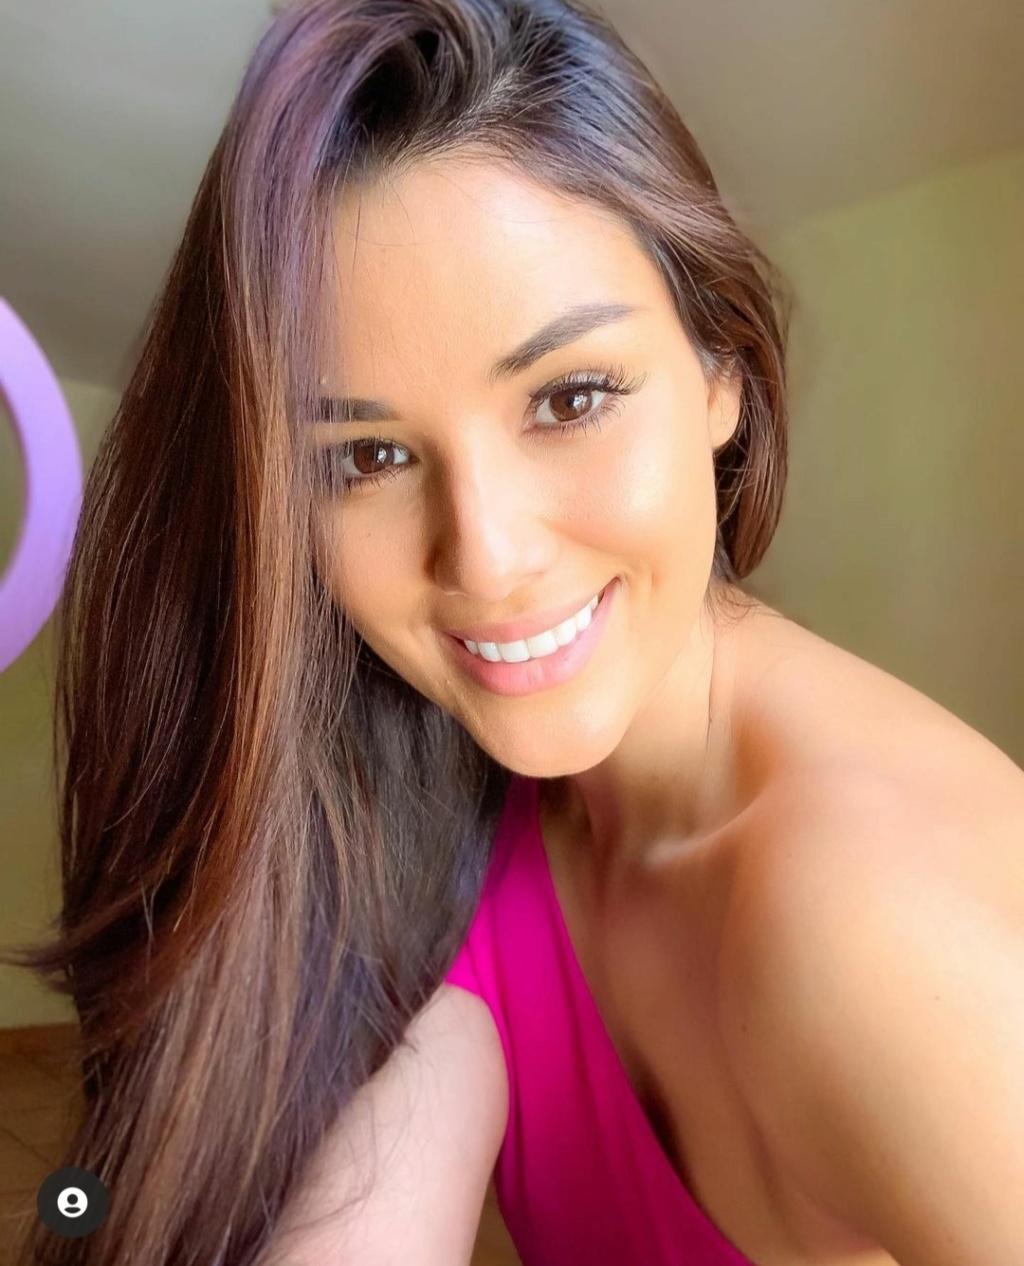 DEBATE sobre belleza, guapura y hermosura (fotos de chicas latinas, mestizas, y de todo) - VOL II - Página 9 Img_1146